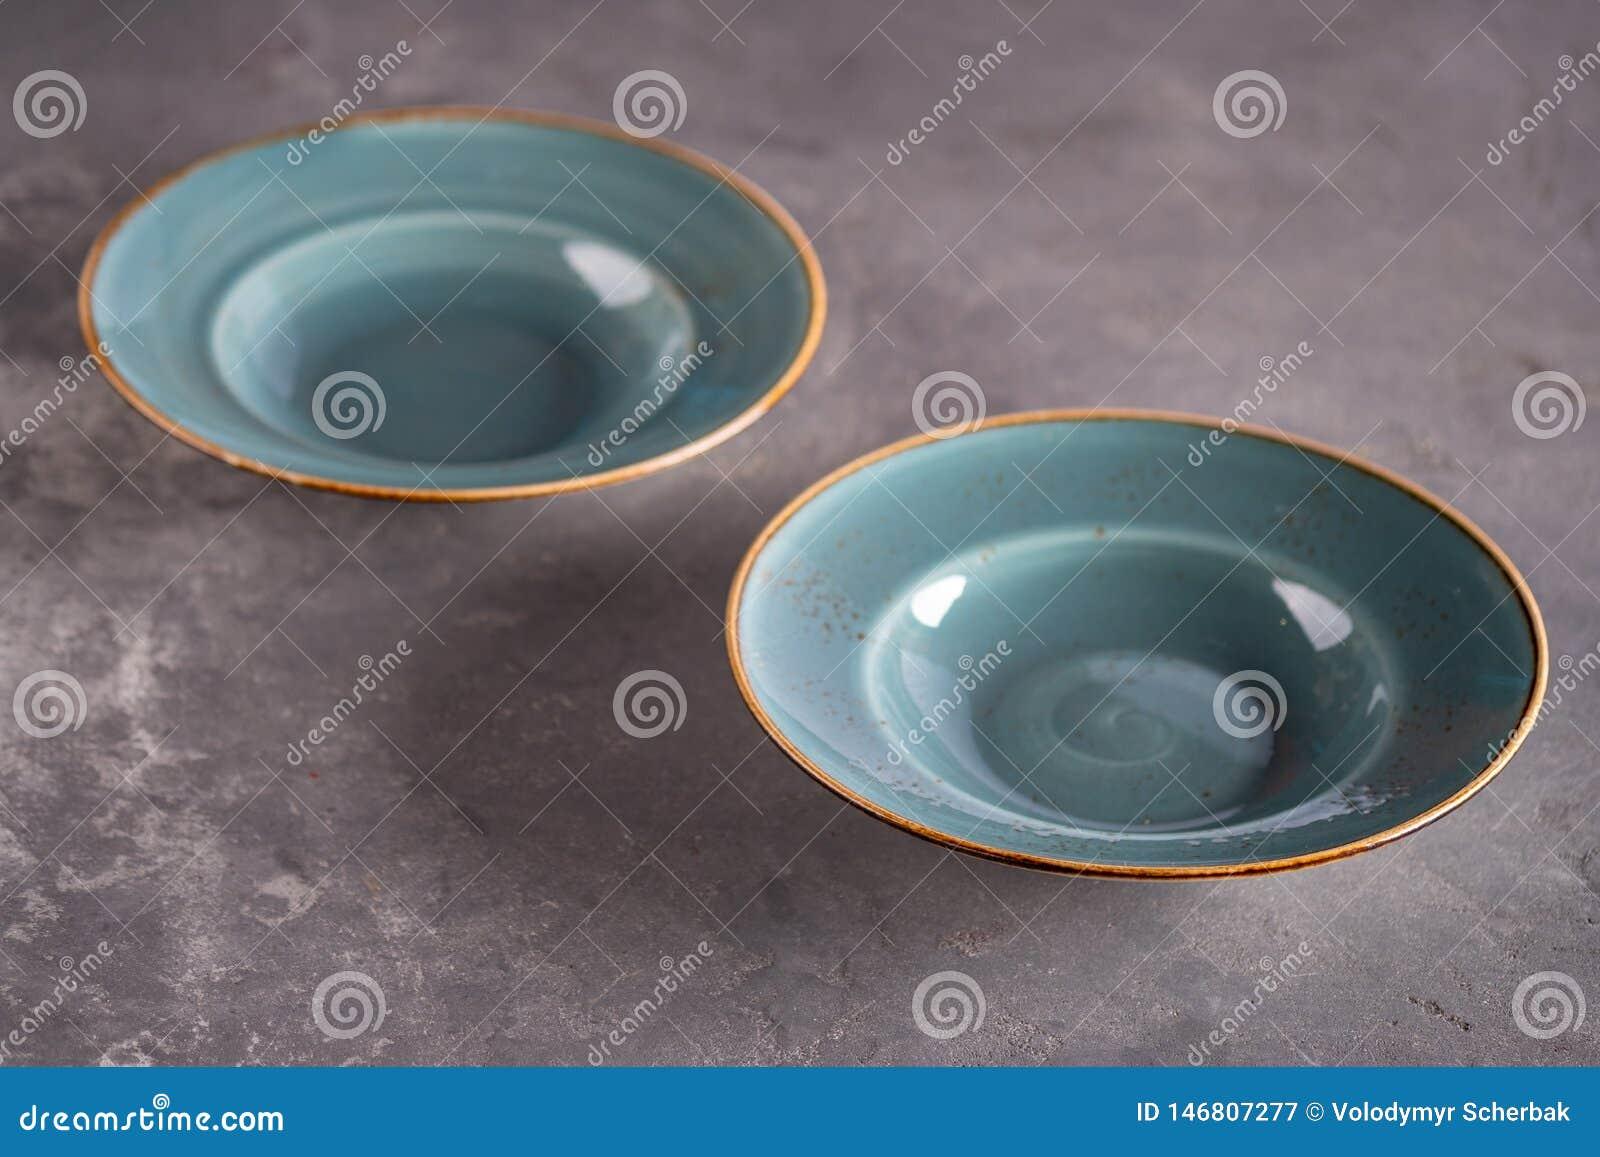 停留在桌上的两块蓝色空的黏土板材